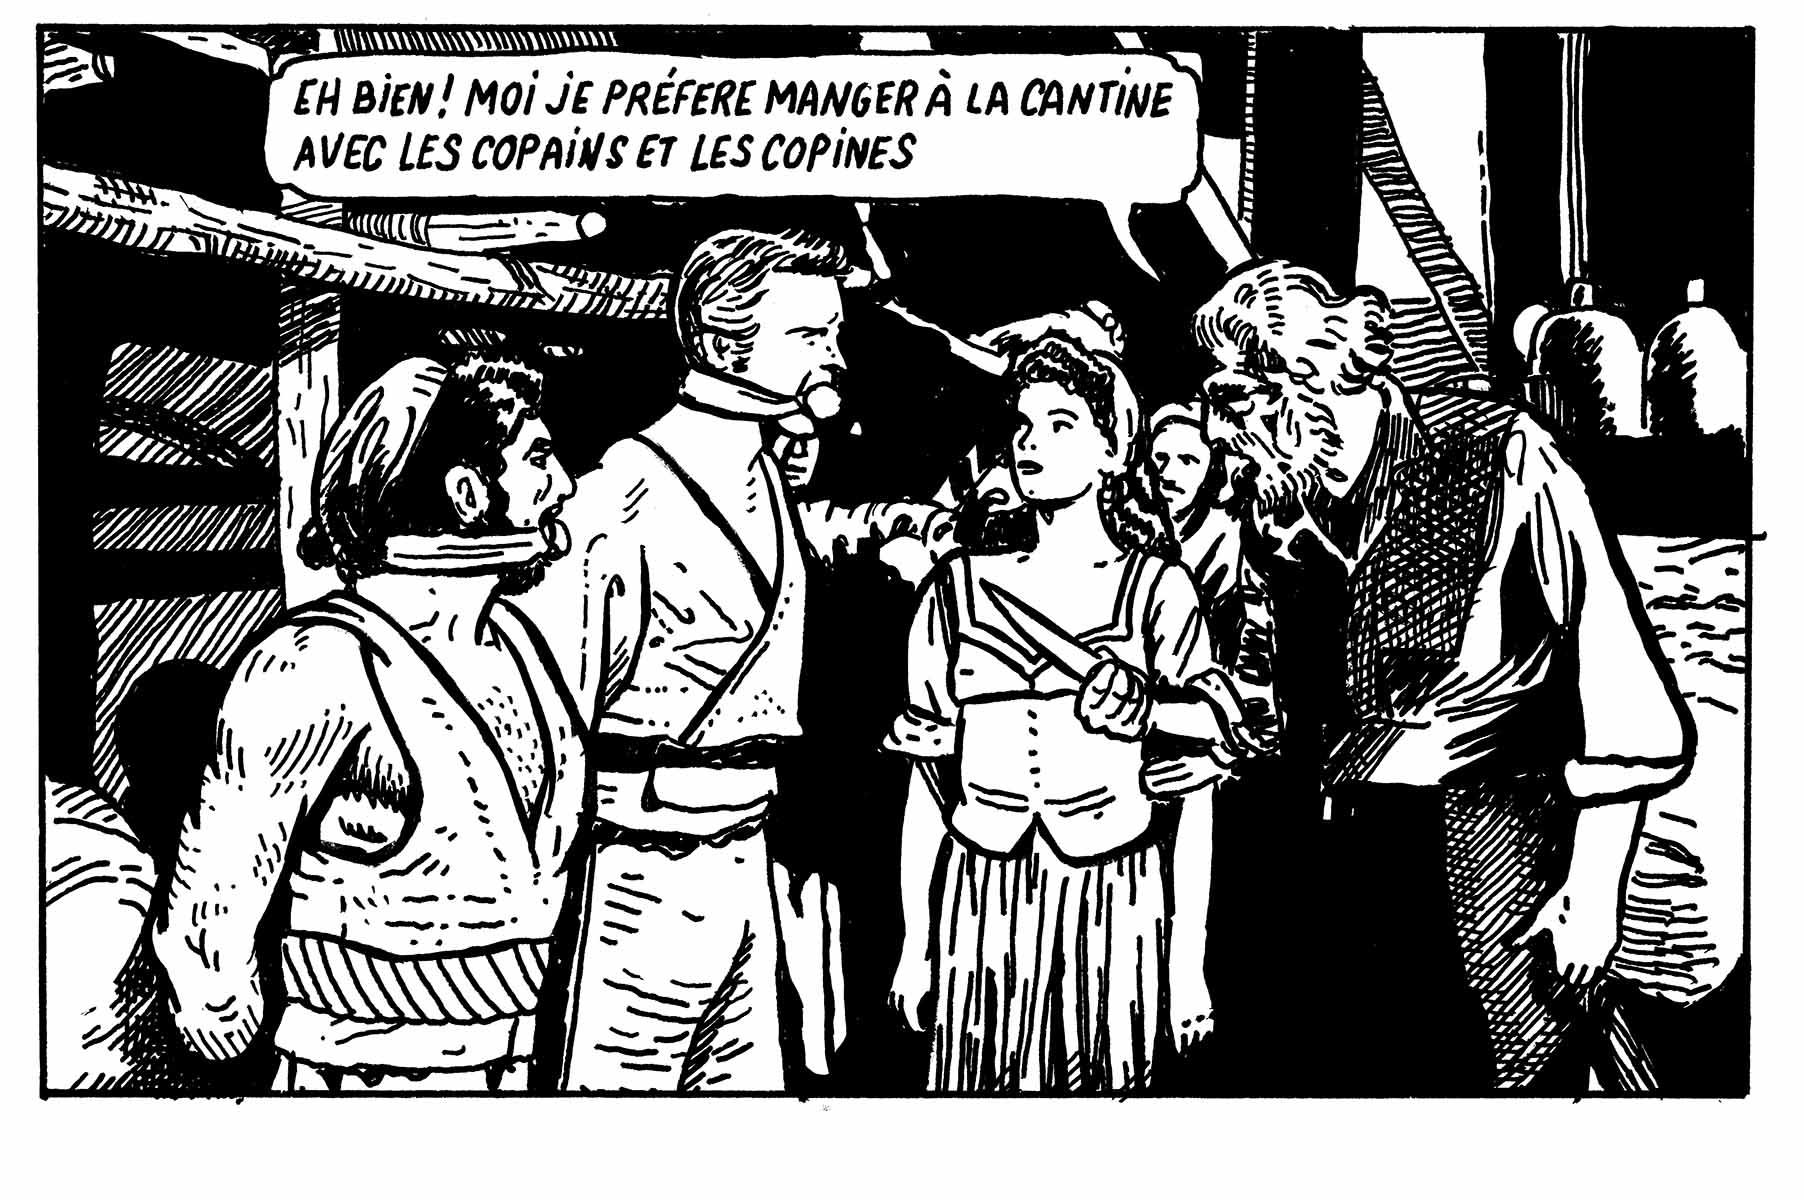 La cantine | GALERIE TREIZE-DIX / LA CANTINE | STÉPHANE TRAPIER